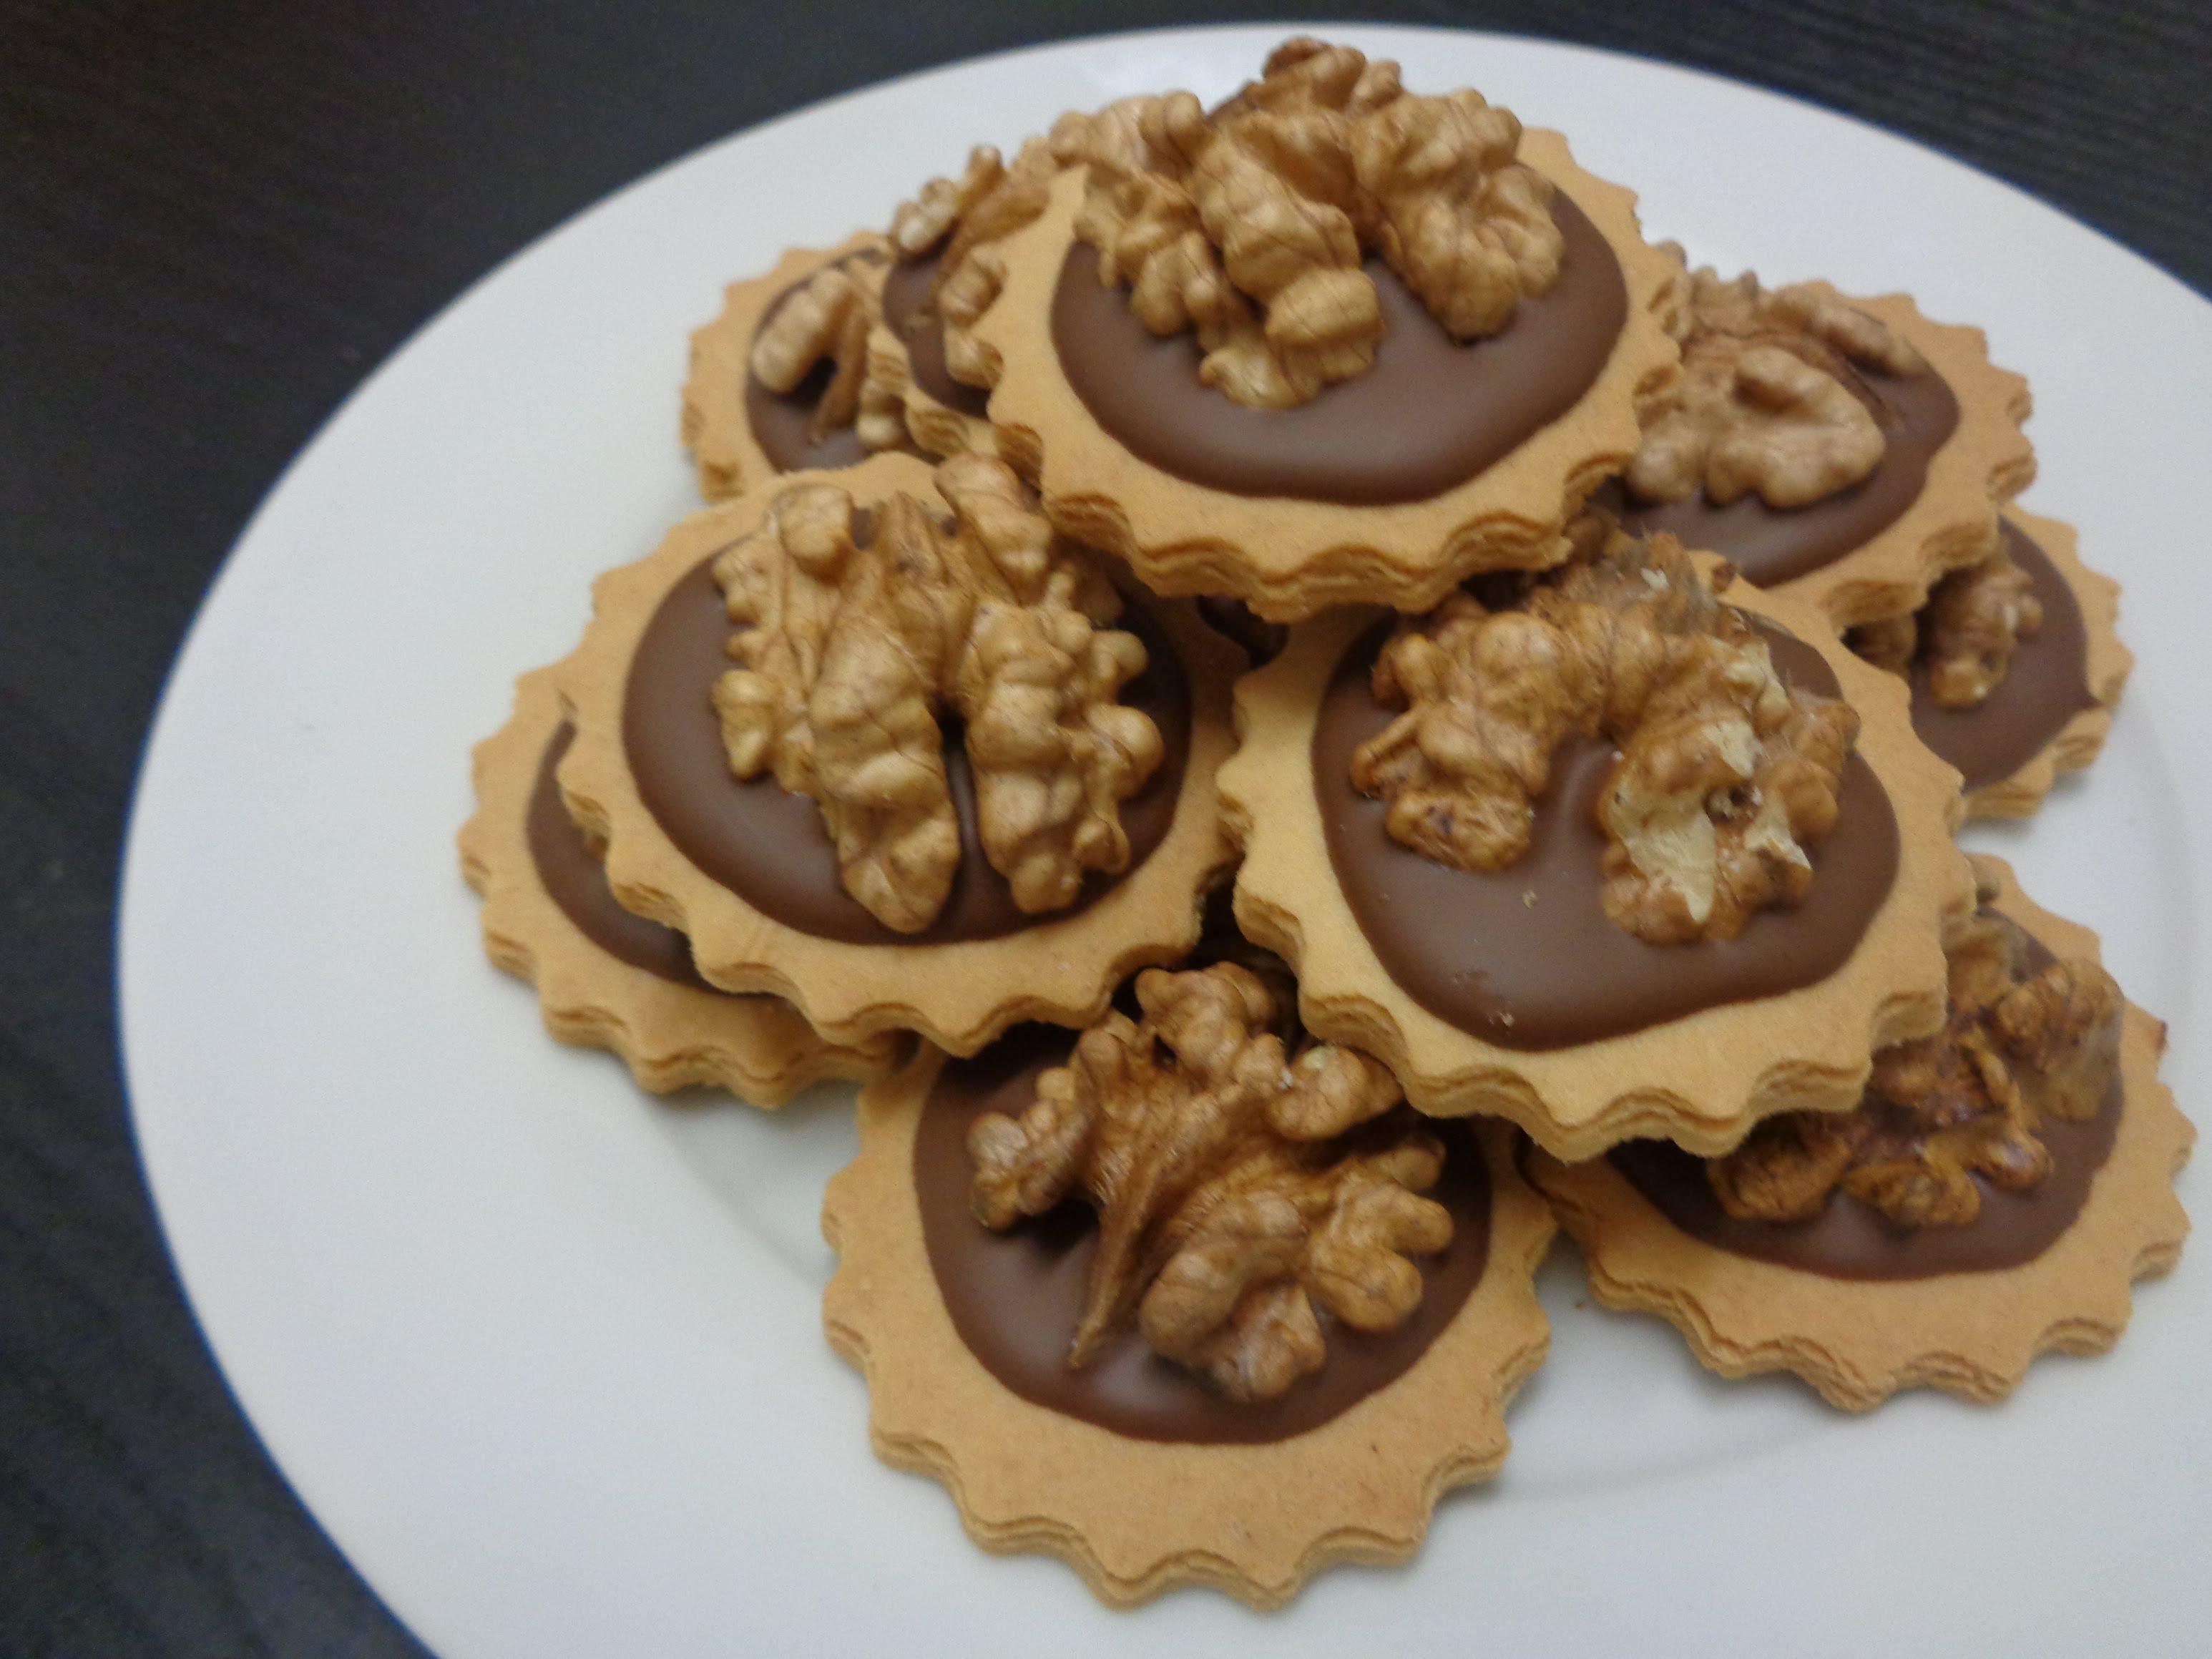 بالصور حلويات مغربيه , اجمل حلى مغربي 1283 3